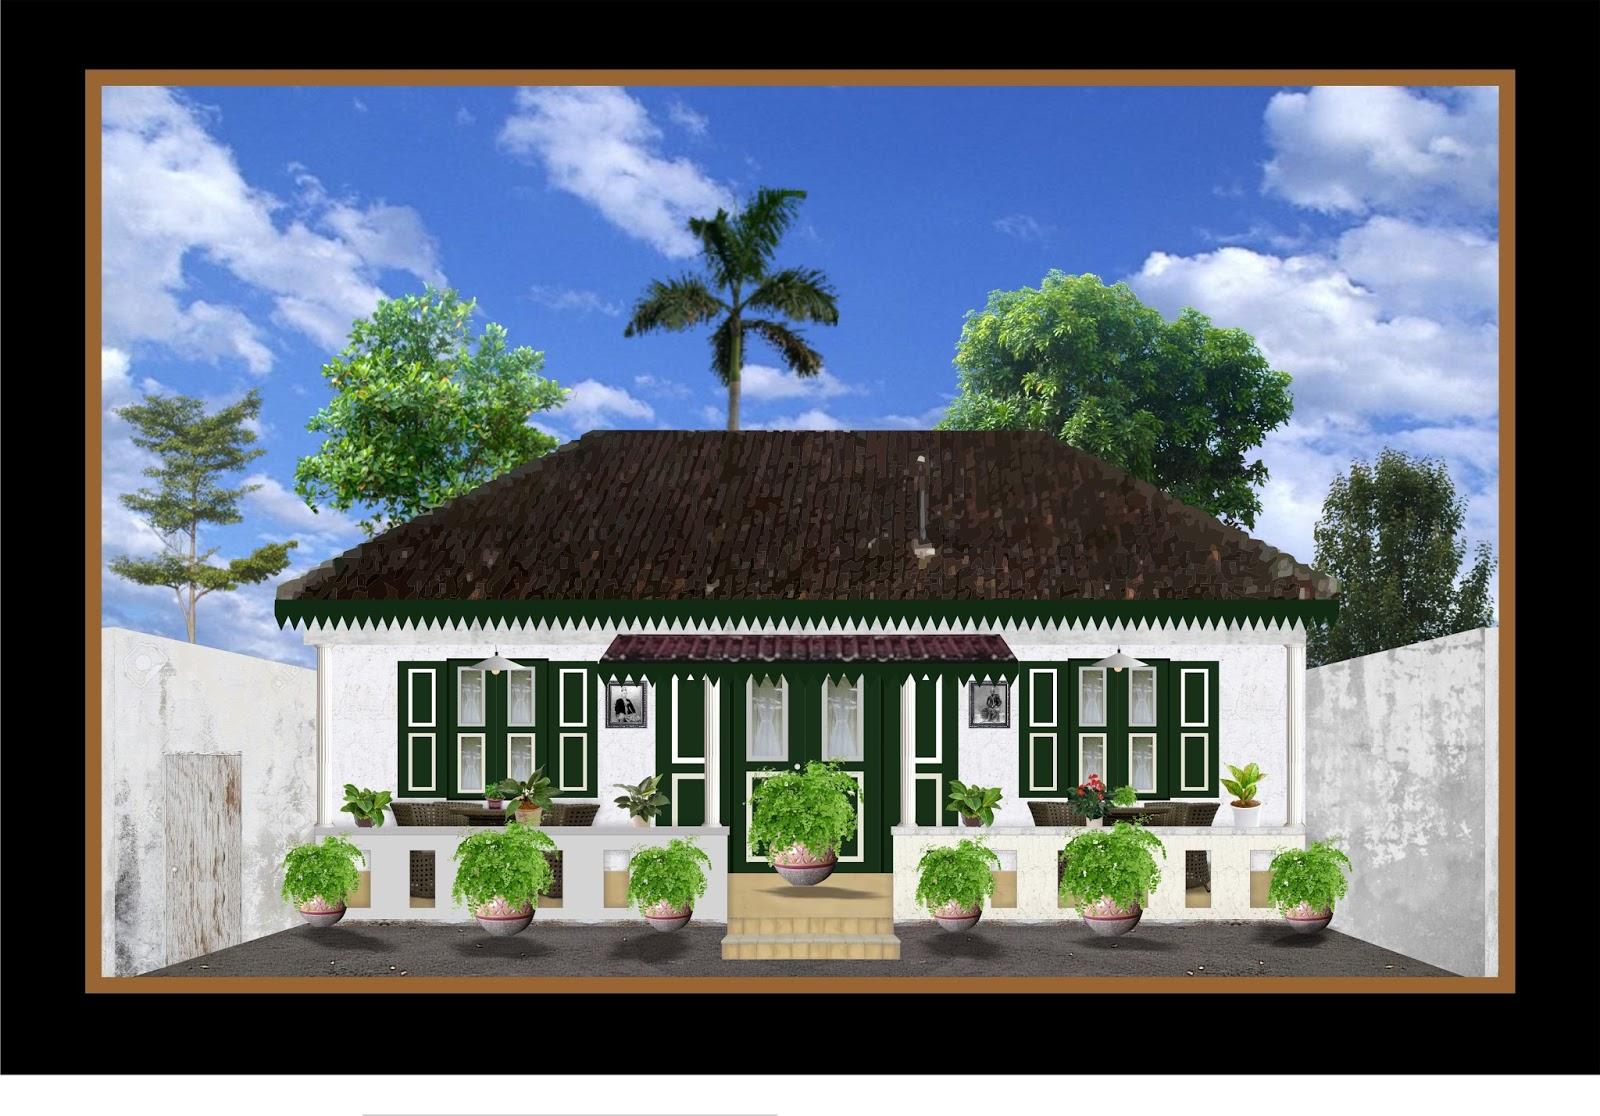 Gambar Ilustrasi Rumah | Iluszi